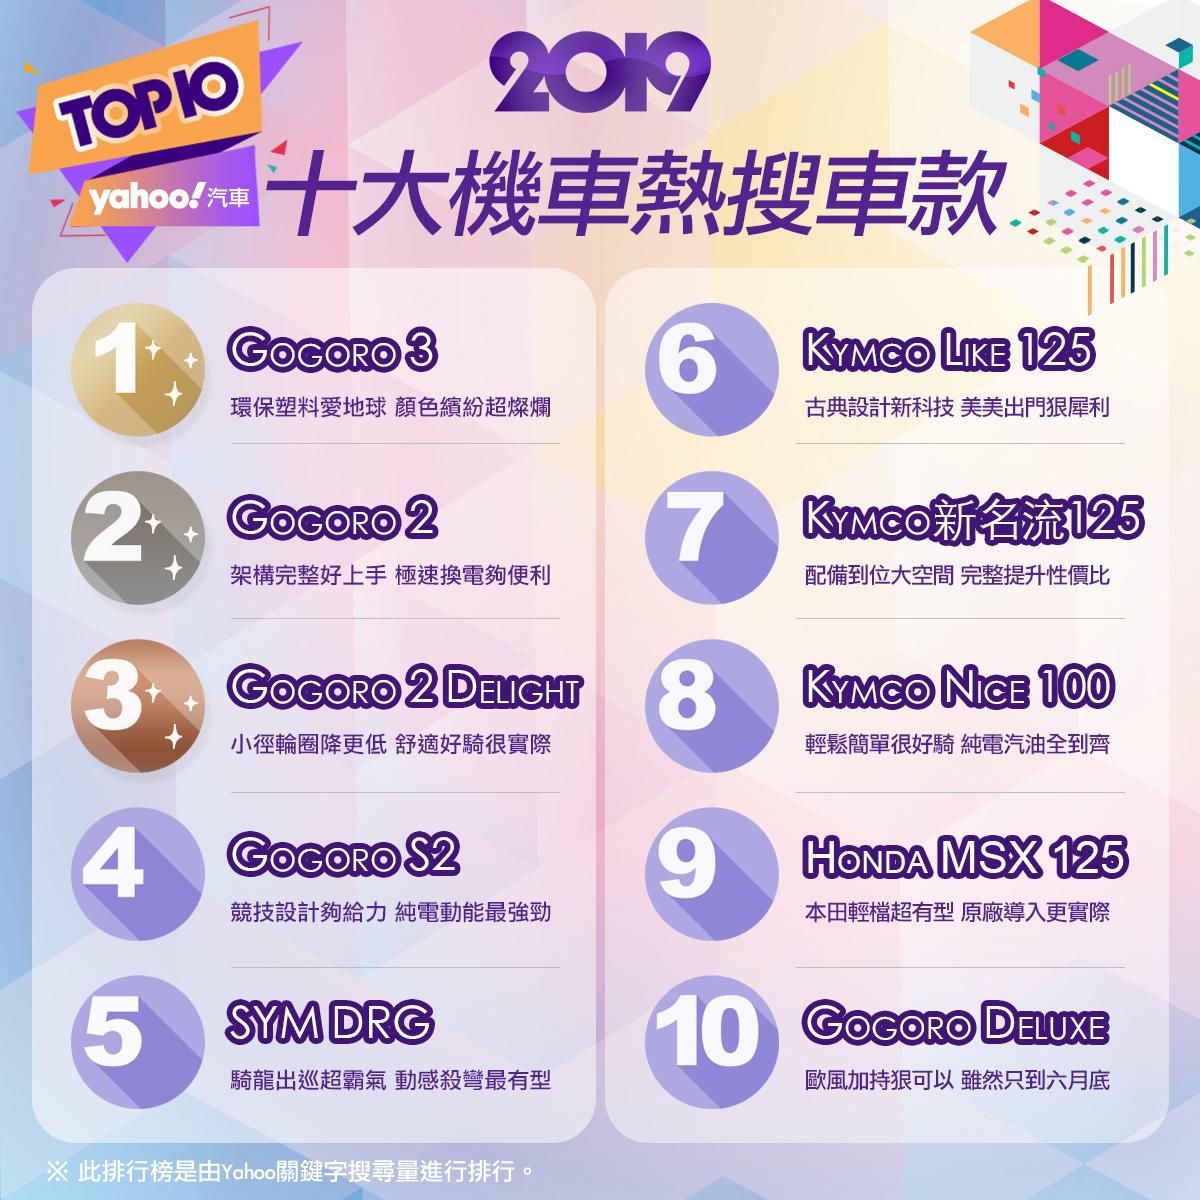 聲量制霸!2019十大Yahoo熱搜機車排名揭曉!